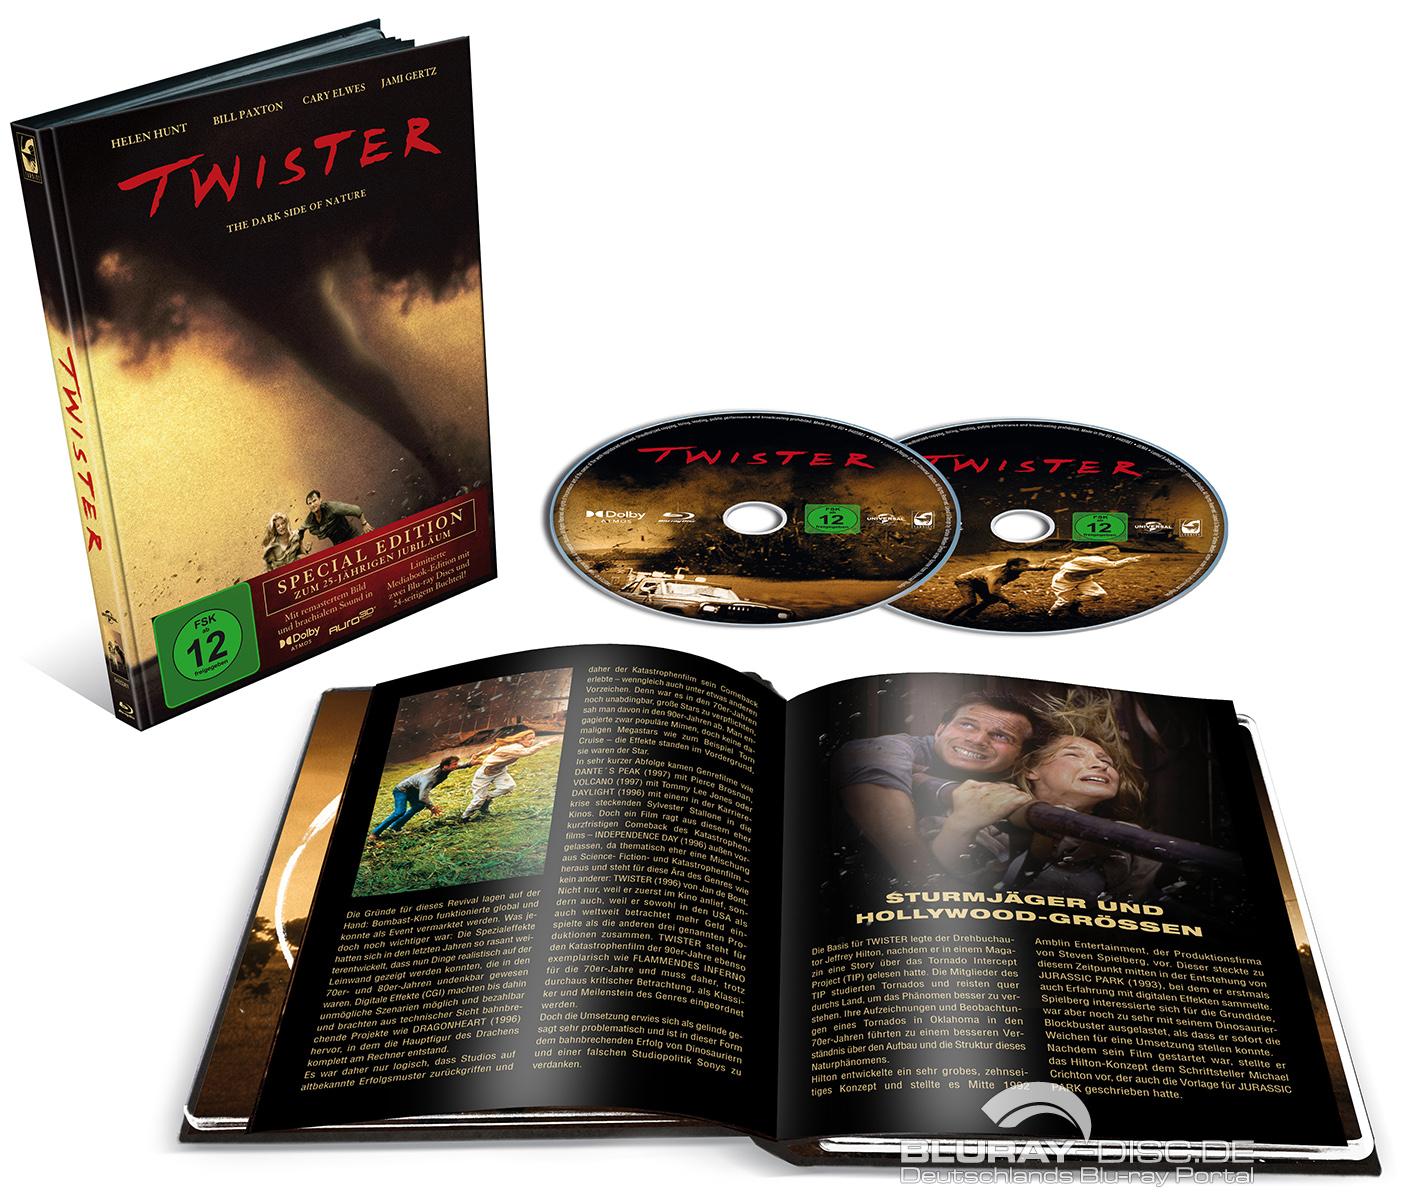 Twister_1996_Galerie_Mediabook_02.jpg